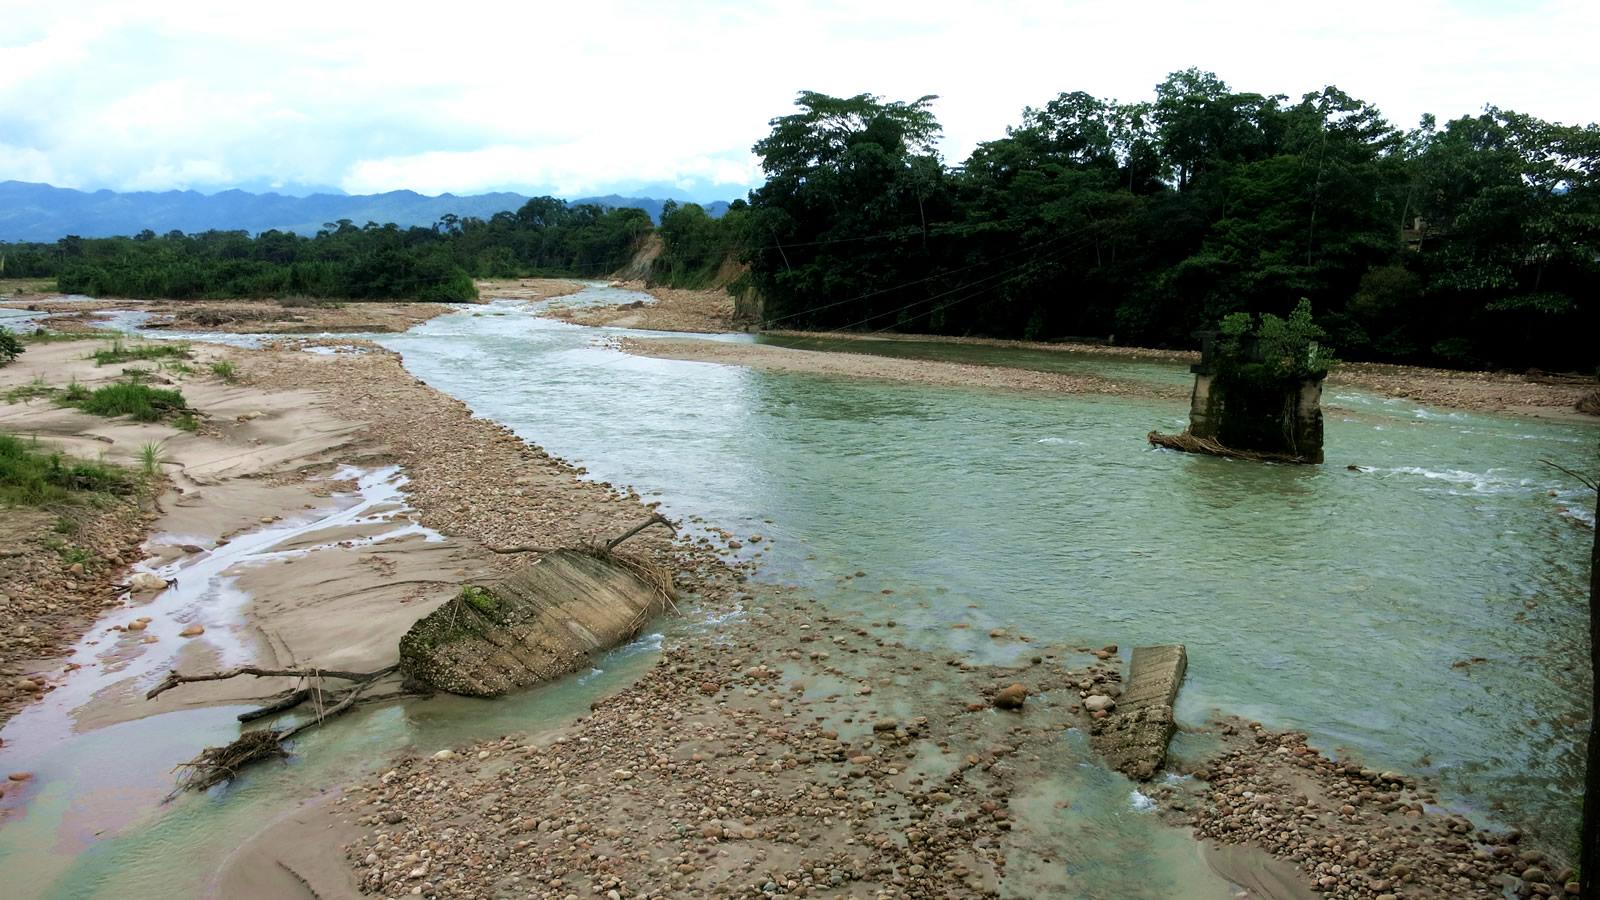 Petróleo por agua: el oro negro que está secando a Arauca